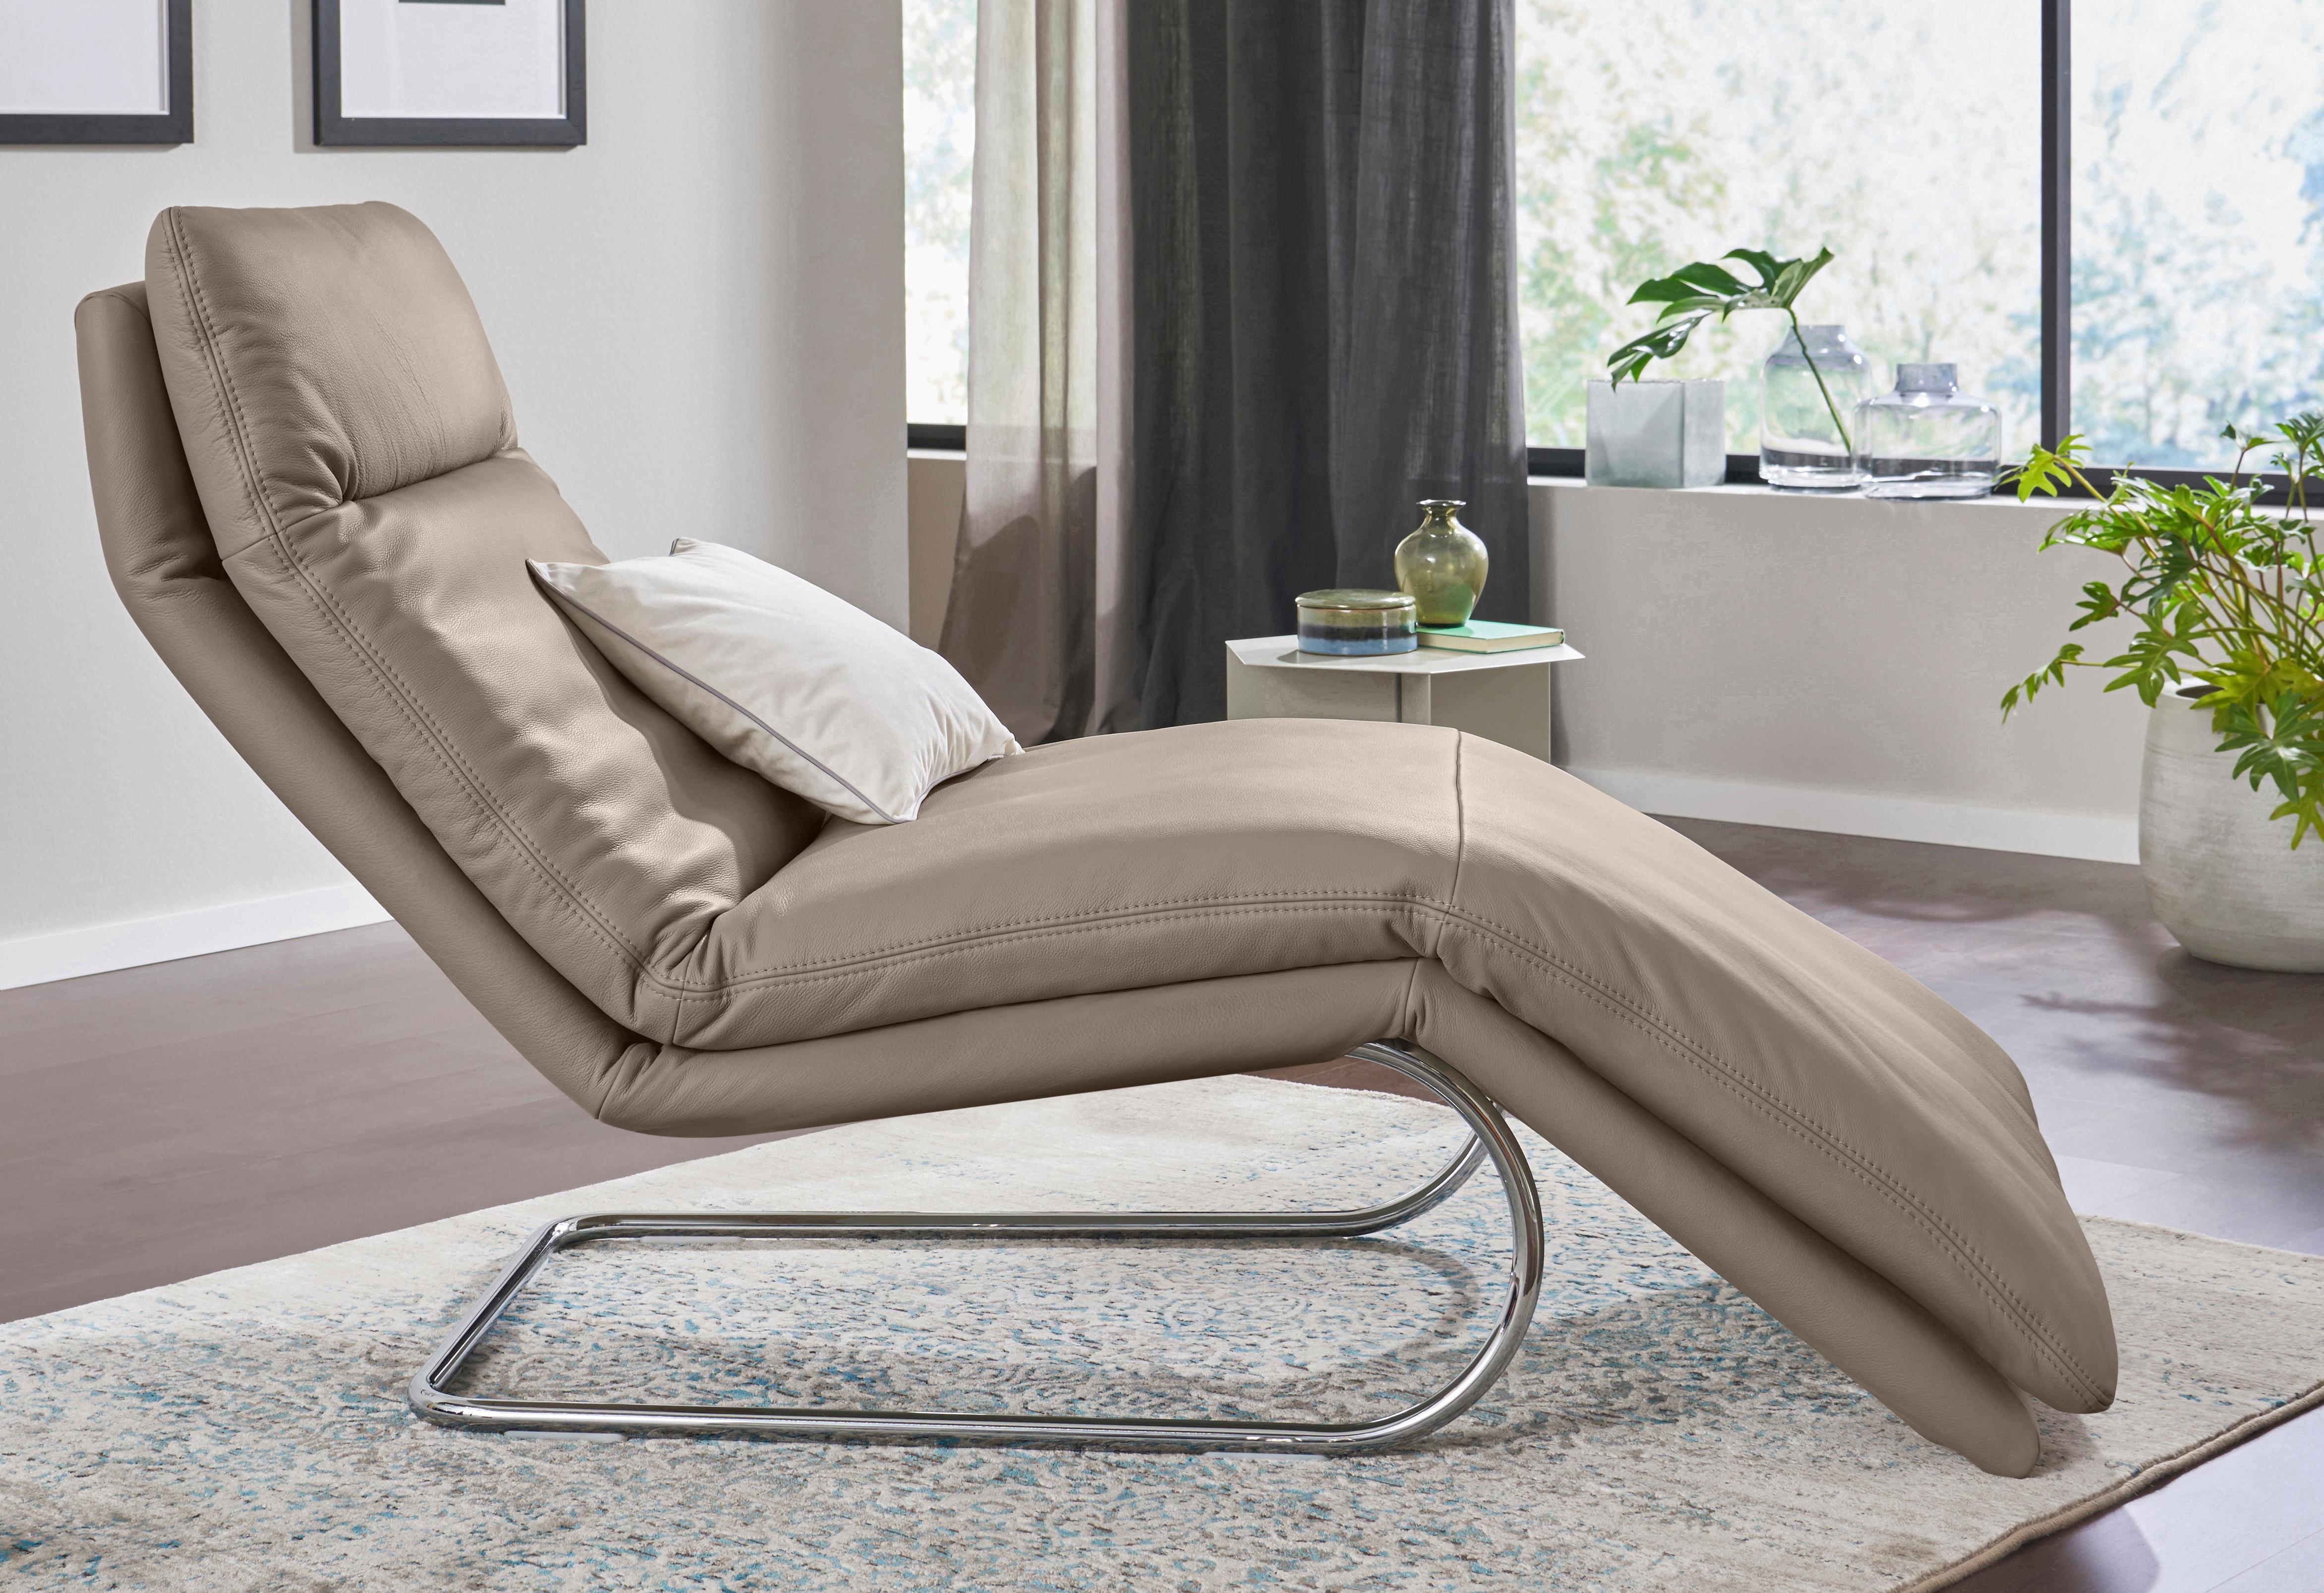 W.SCHILLIG Relaxliege jill, mit Wippfunktion, inklusive Rücken-, Fußteil- & günstig online kaufen